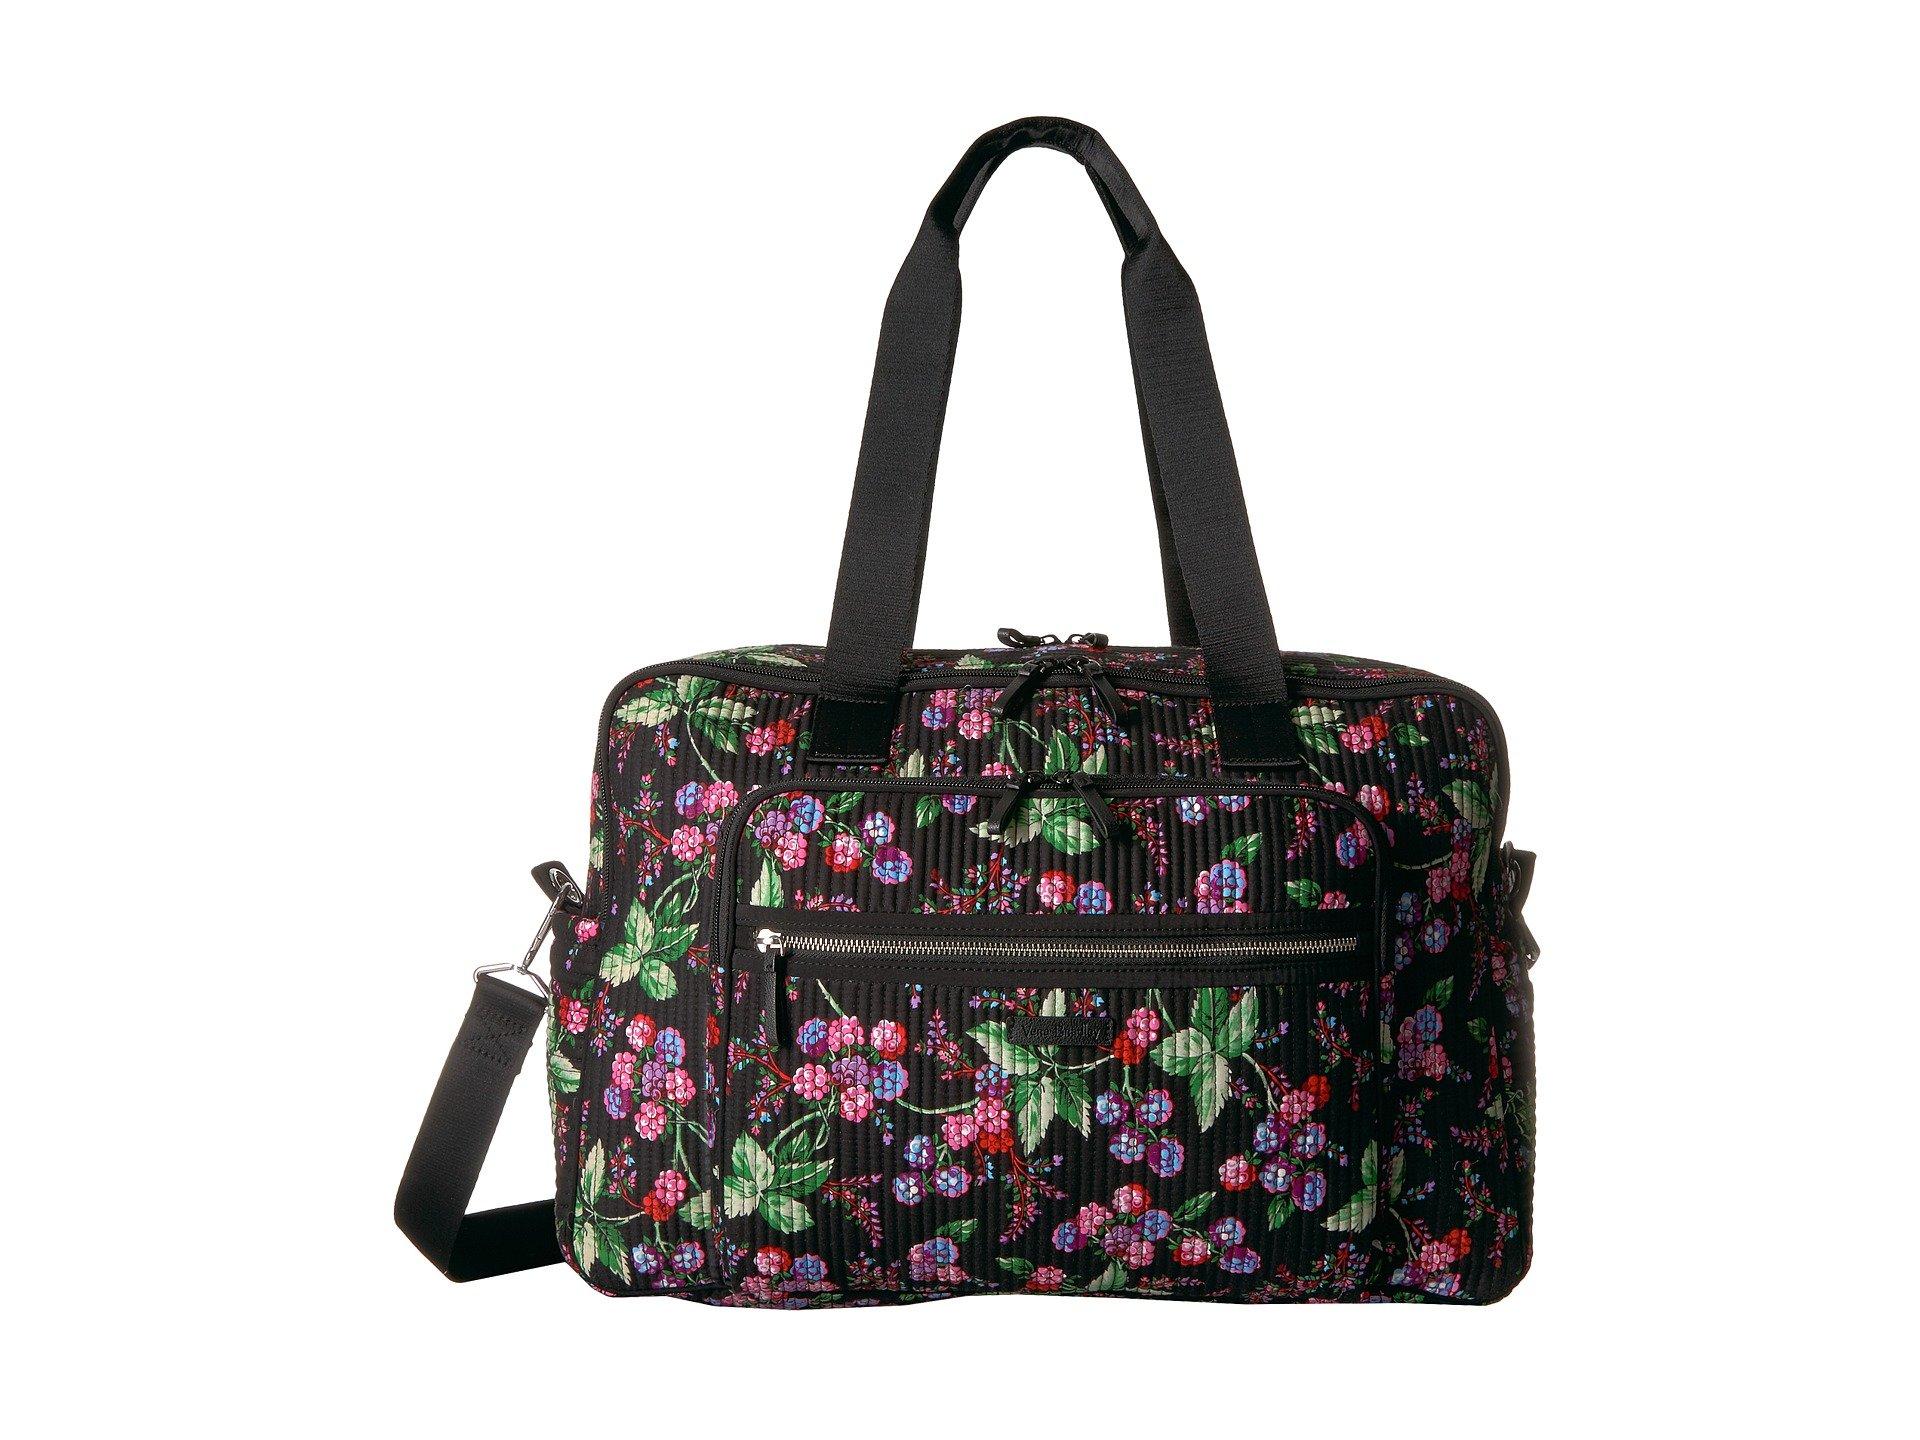 Bolso de Viaje para Mujer Vera Bradley Iconic Deluxe Weekender Travel Bag  + Vera Bradley en VeoyCompro.net